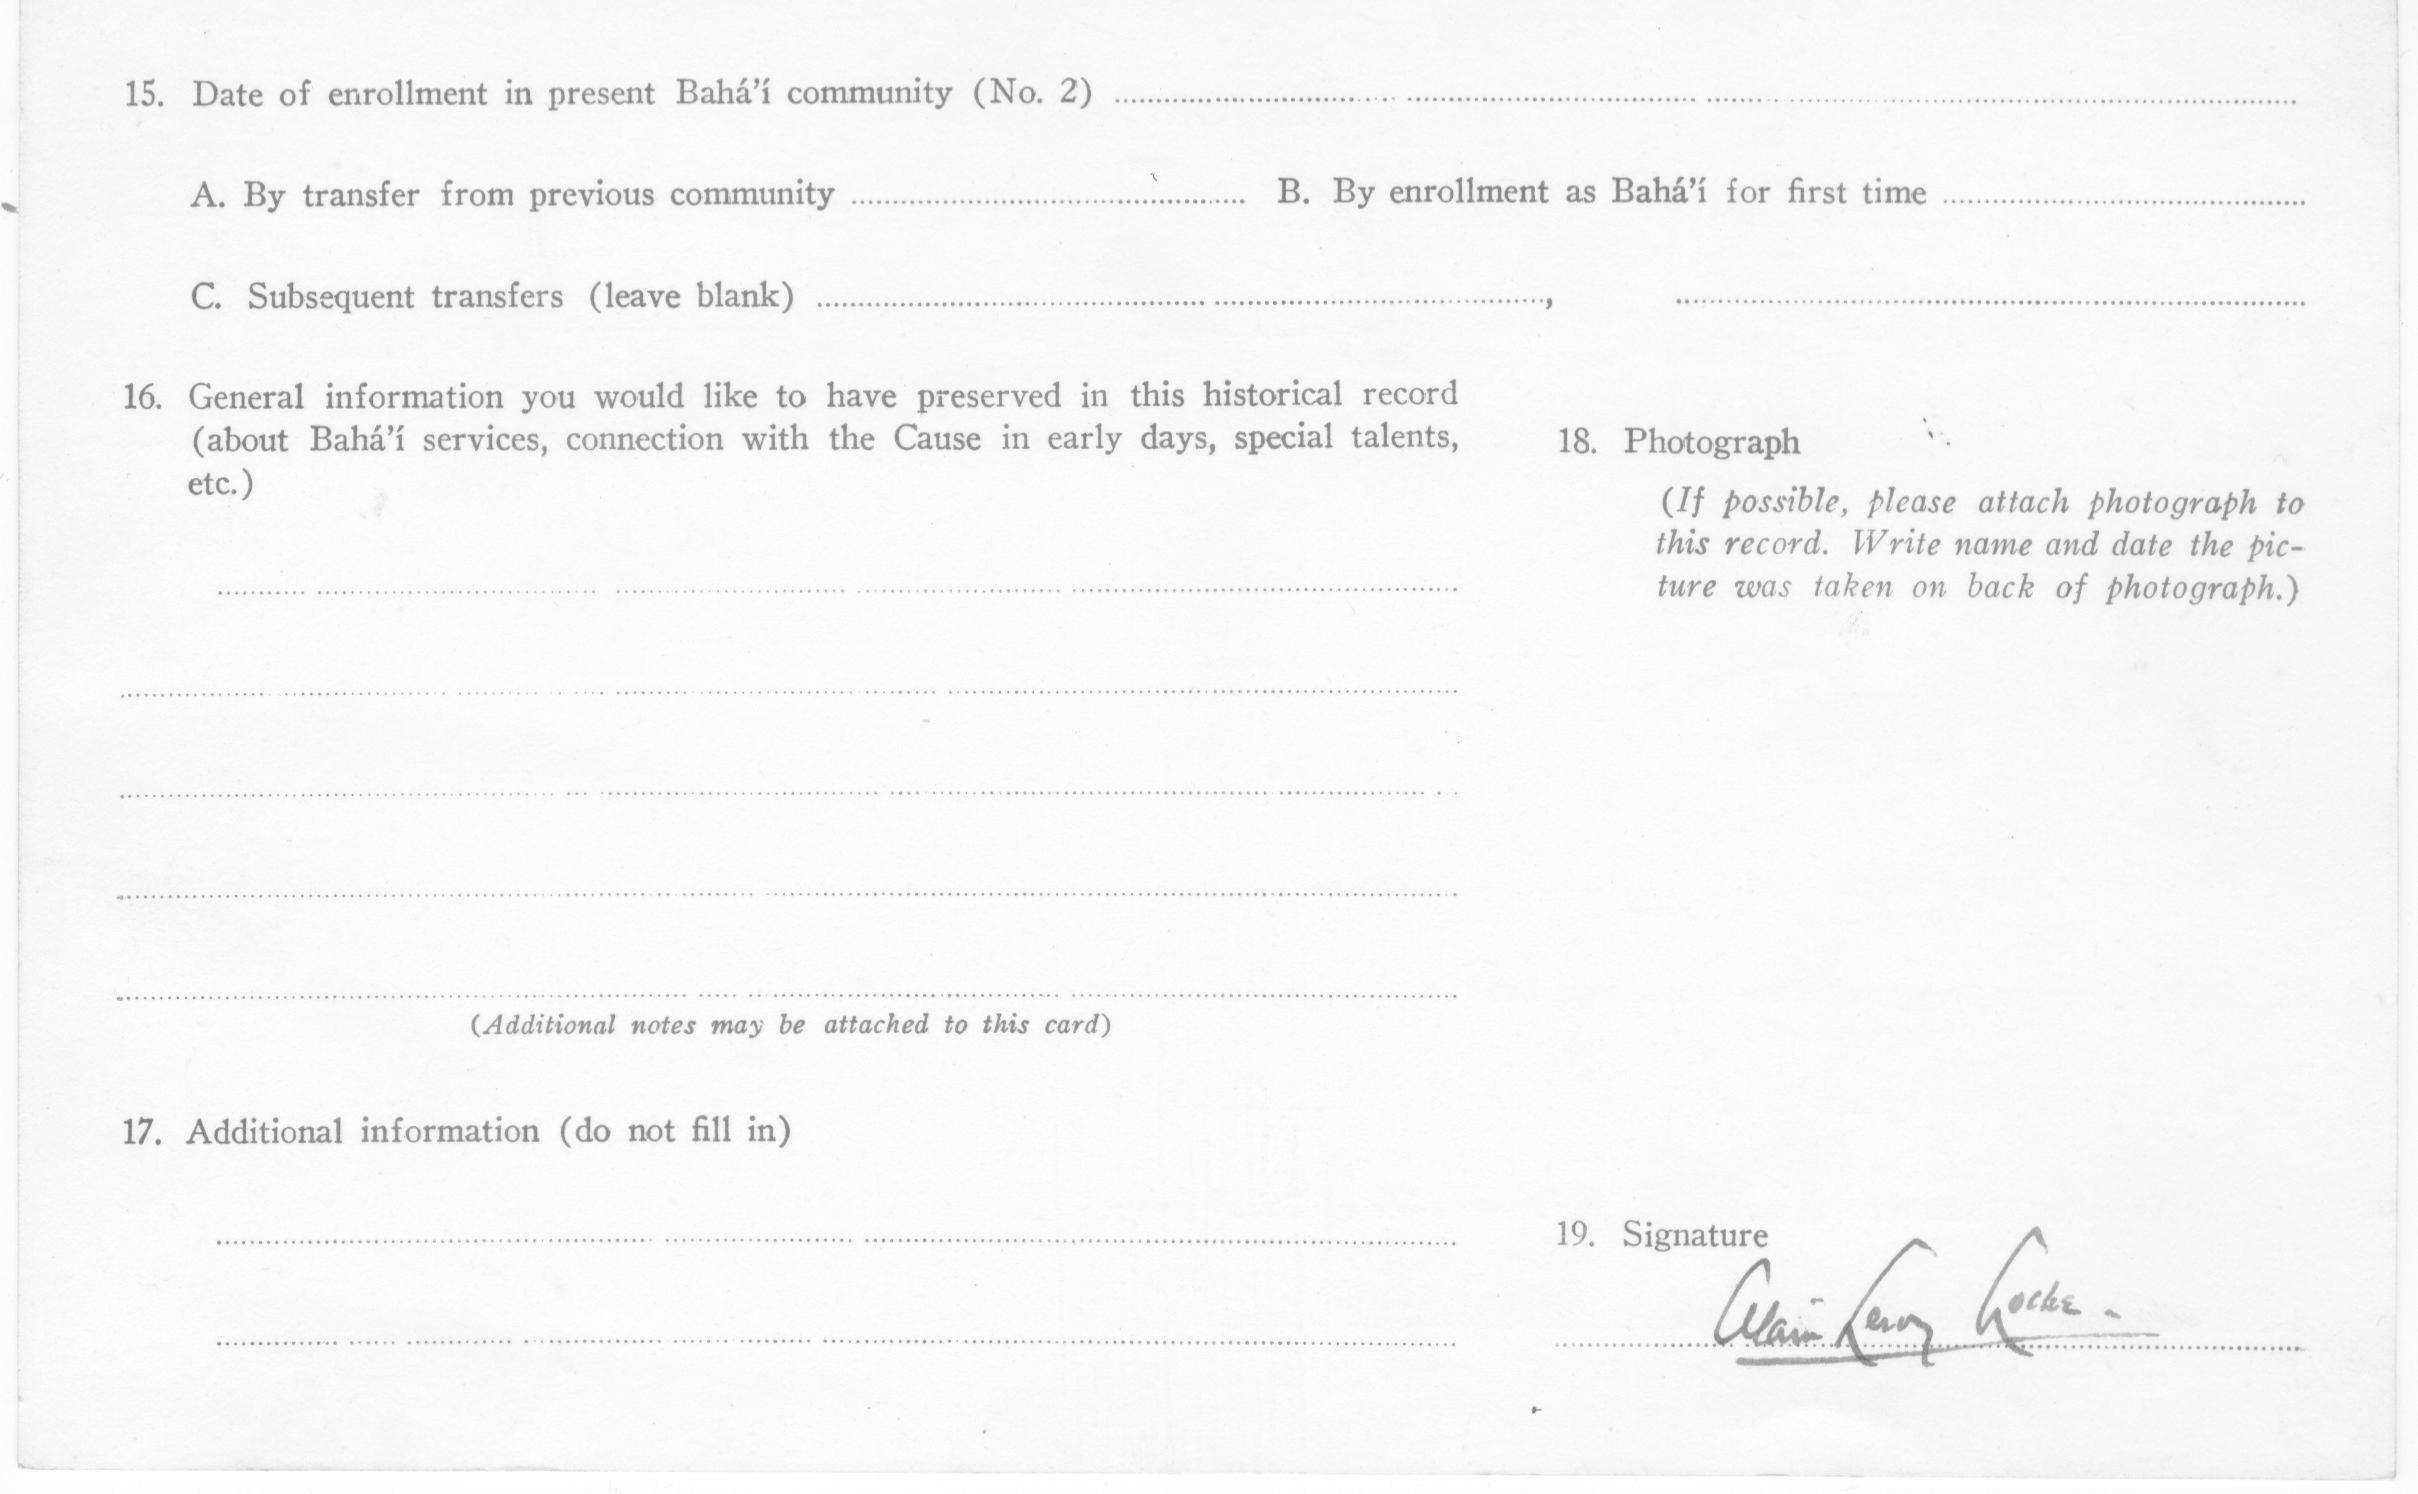 Letters to Alain Locke